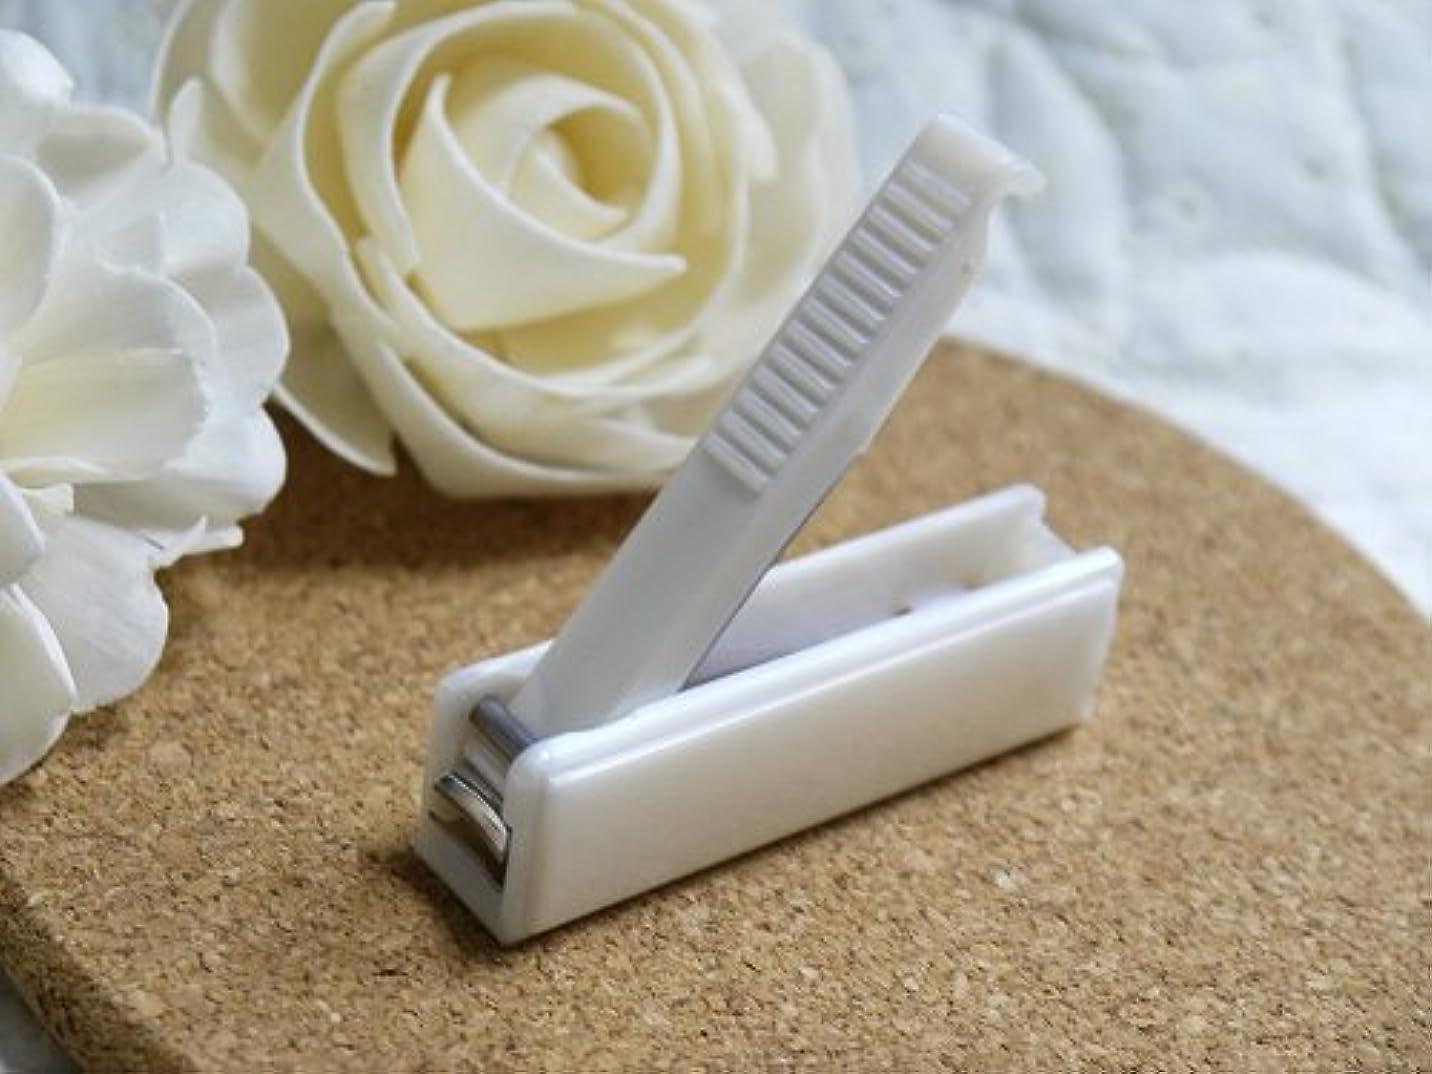 退化する旋回ジョブJOKER 爪切り レトロな箱型爪切り バラの模様入り (白)